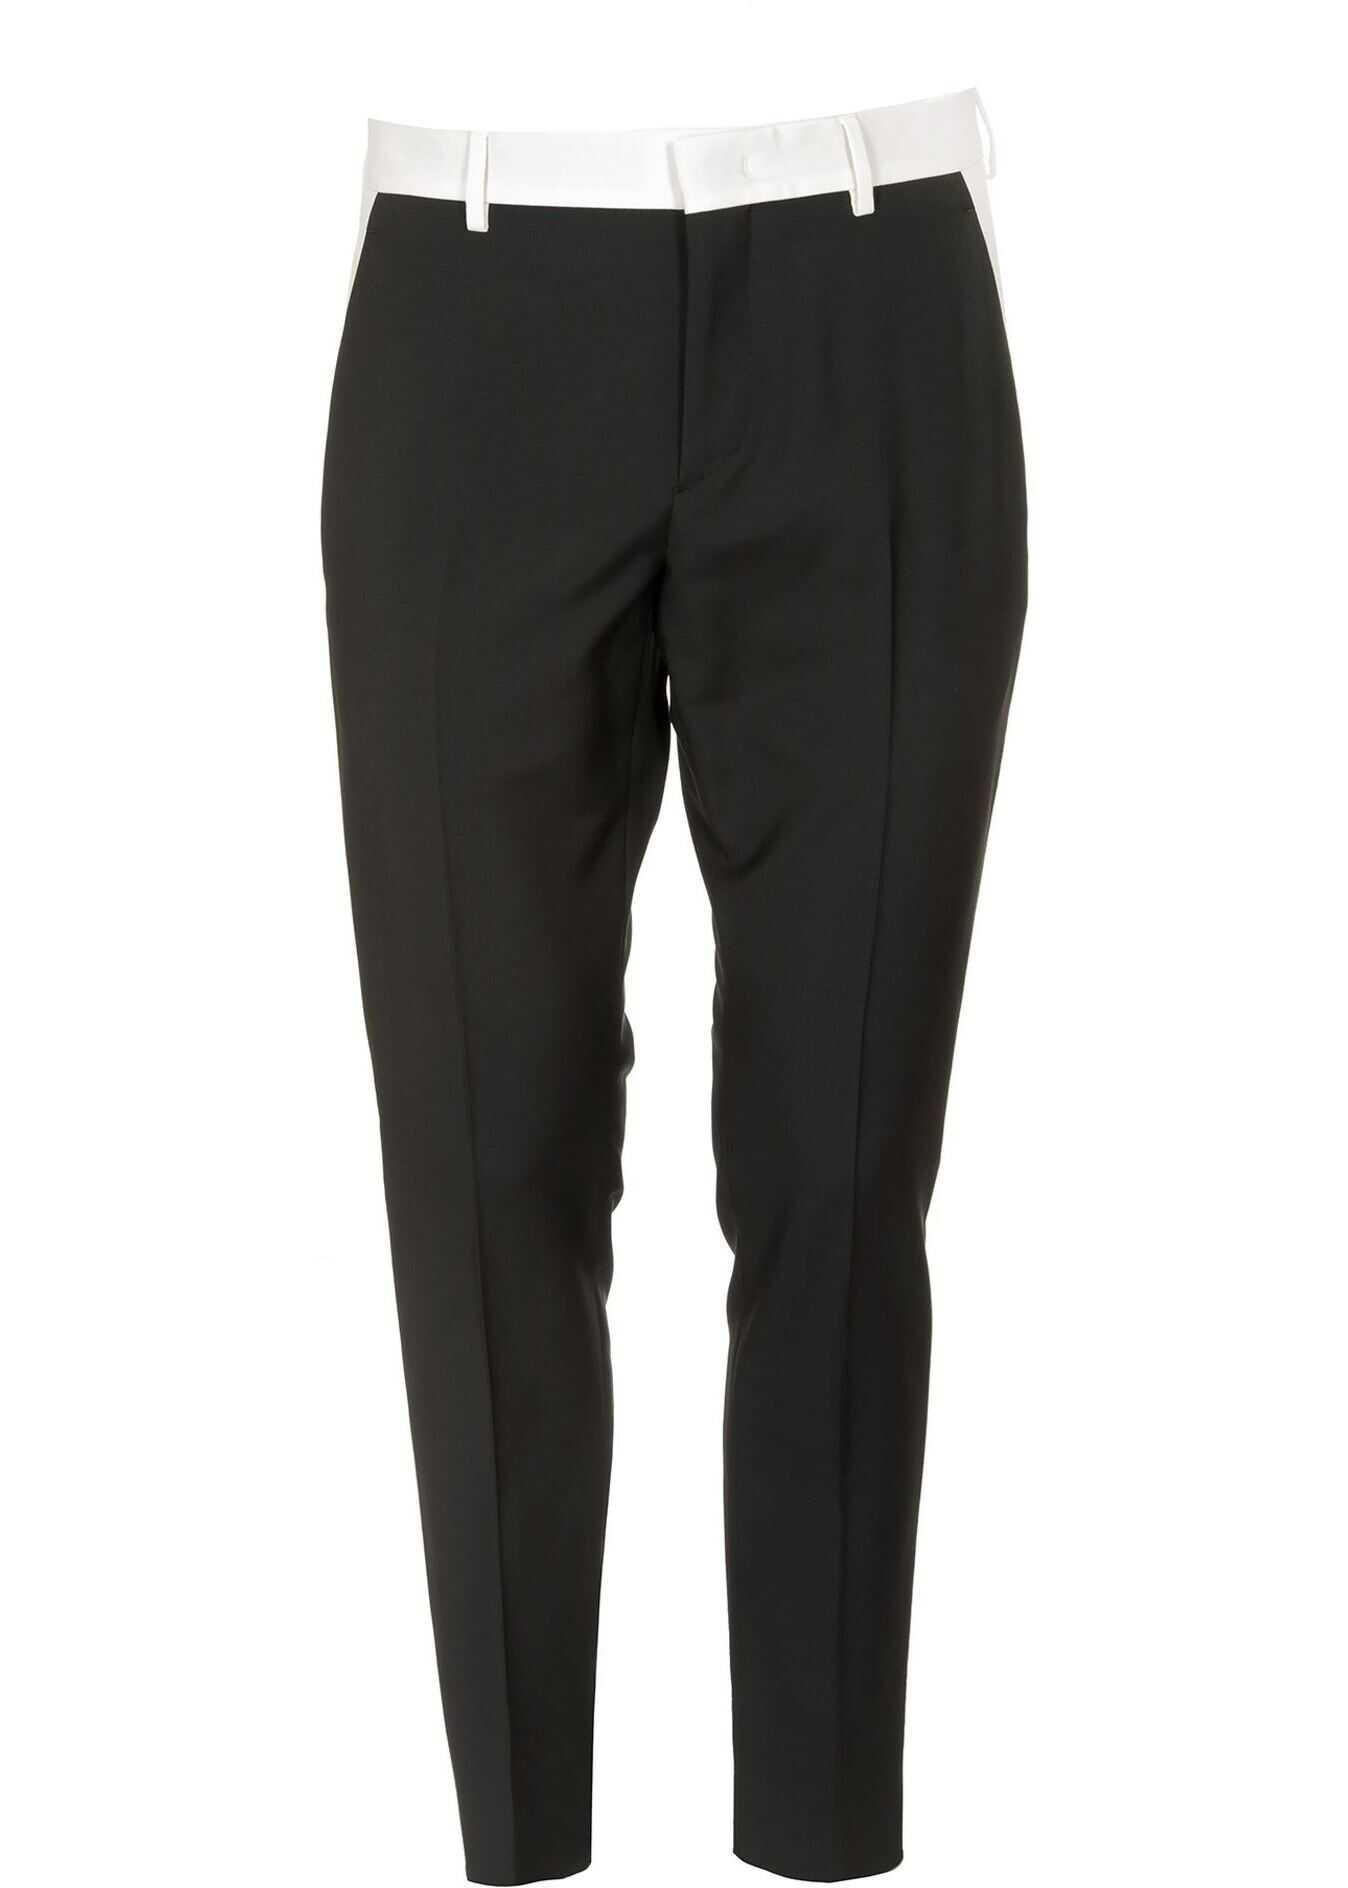 Valentino Garavani White Side Bands Pants In Black Black imagine